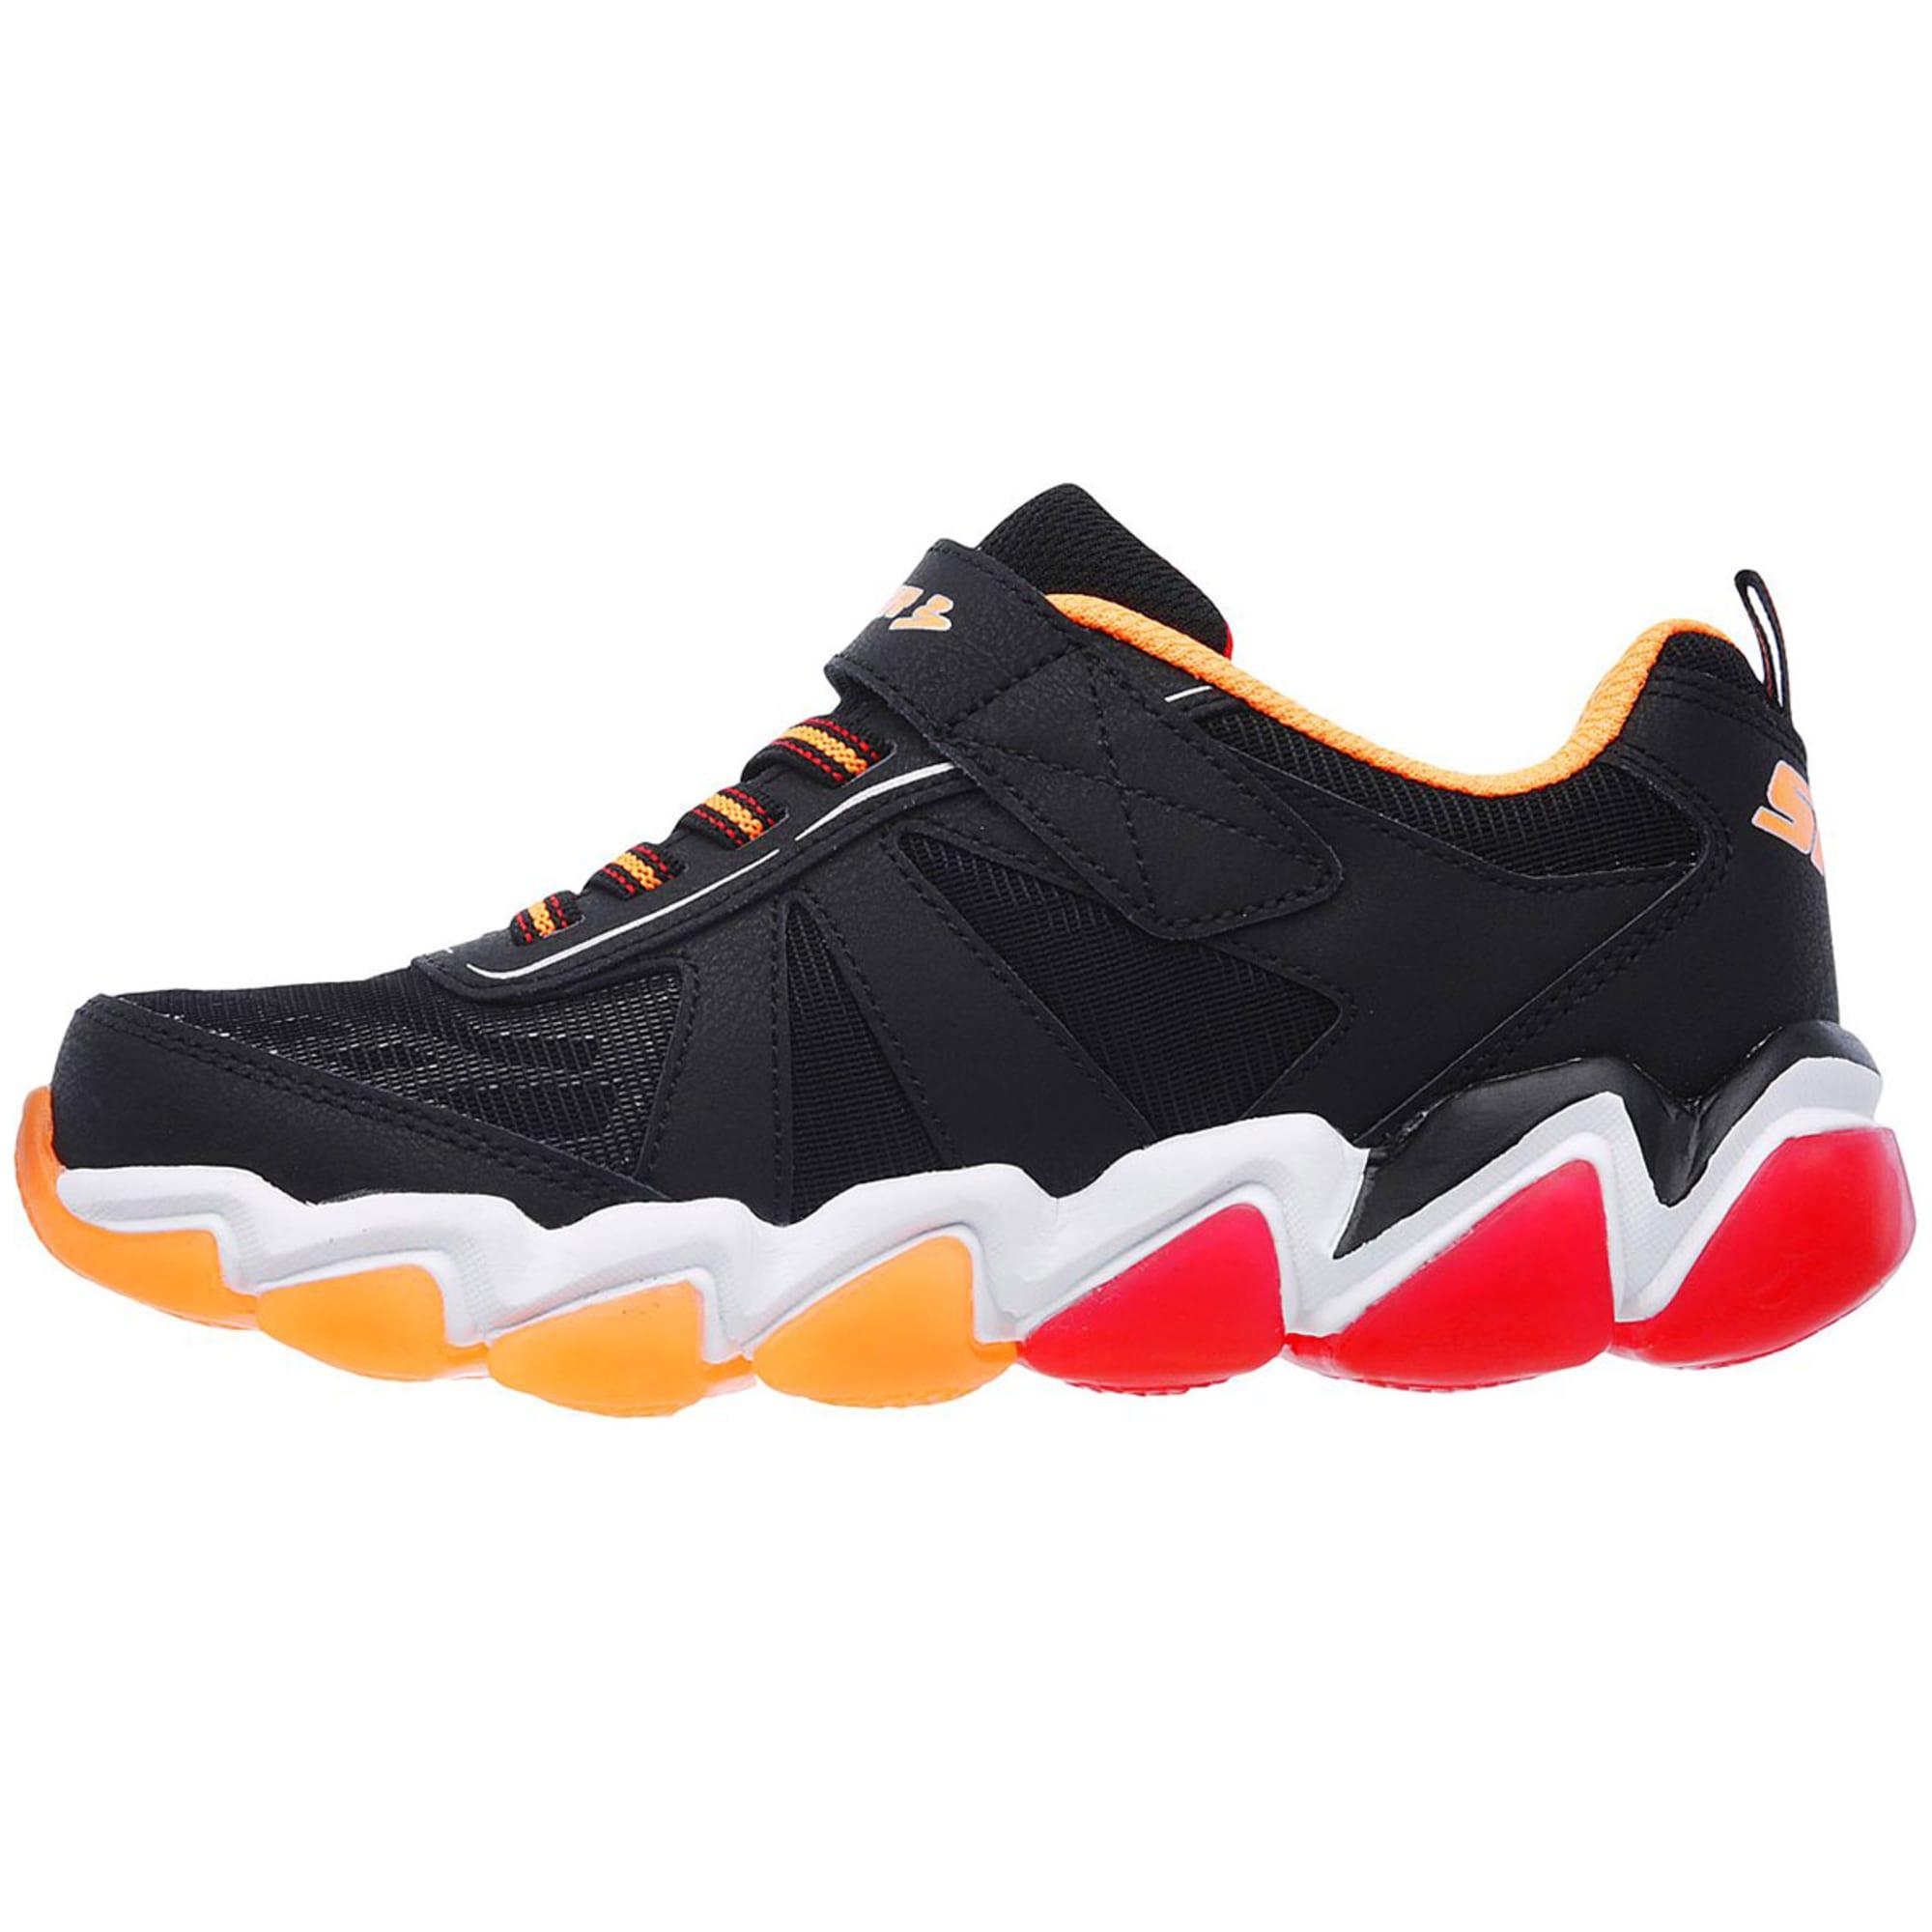 DOWNSWITCH Sneaker Skechers Kids Kids Skech-AIR 3.0